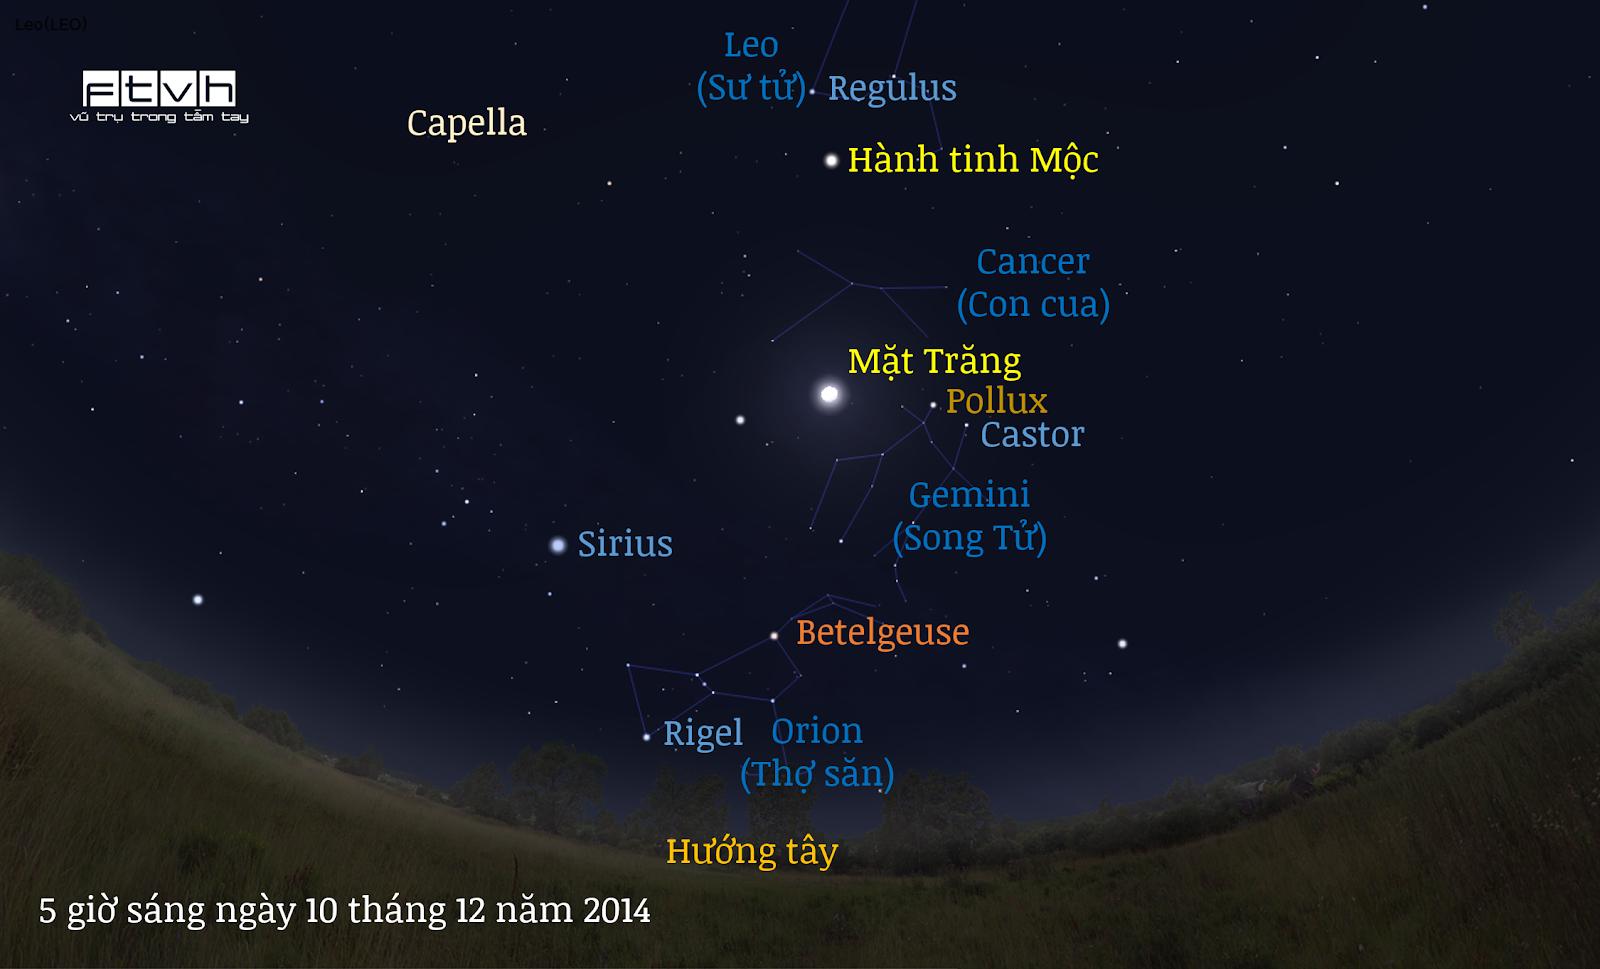 Minh họa bầu trời đêm hướng tây lúc 5 giờ sáng ngày 10 tháng 12 năm 2014.